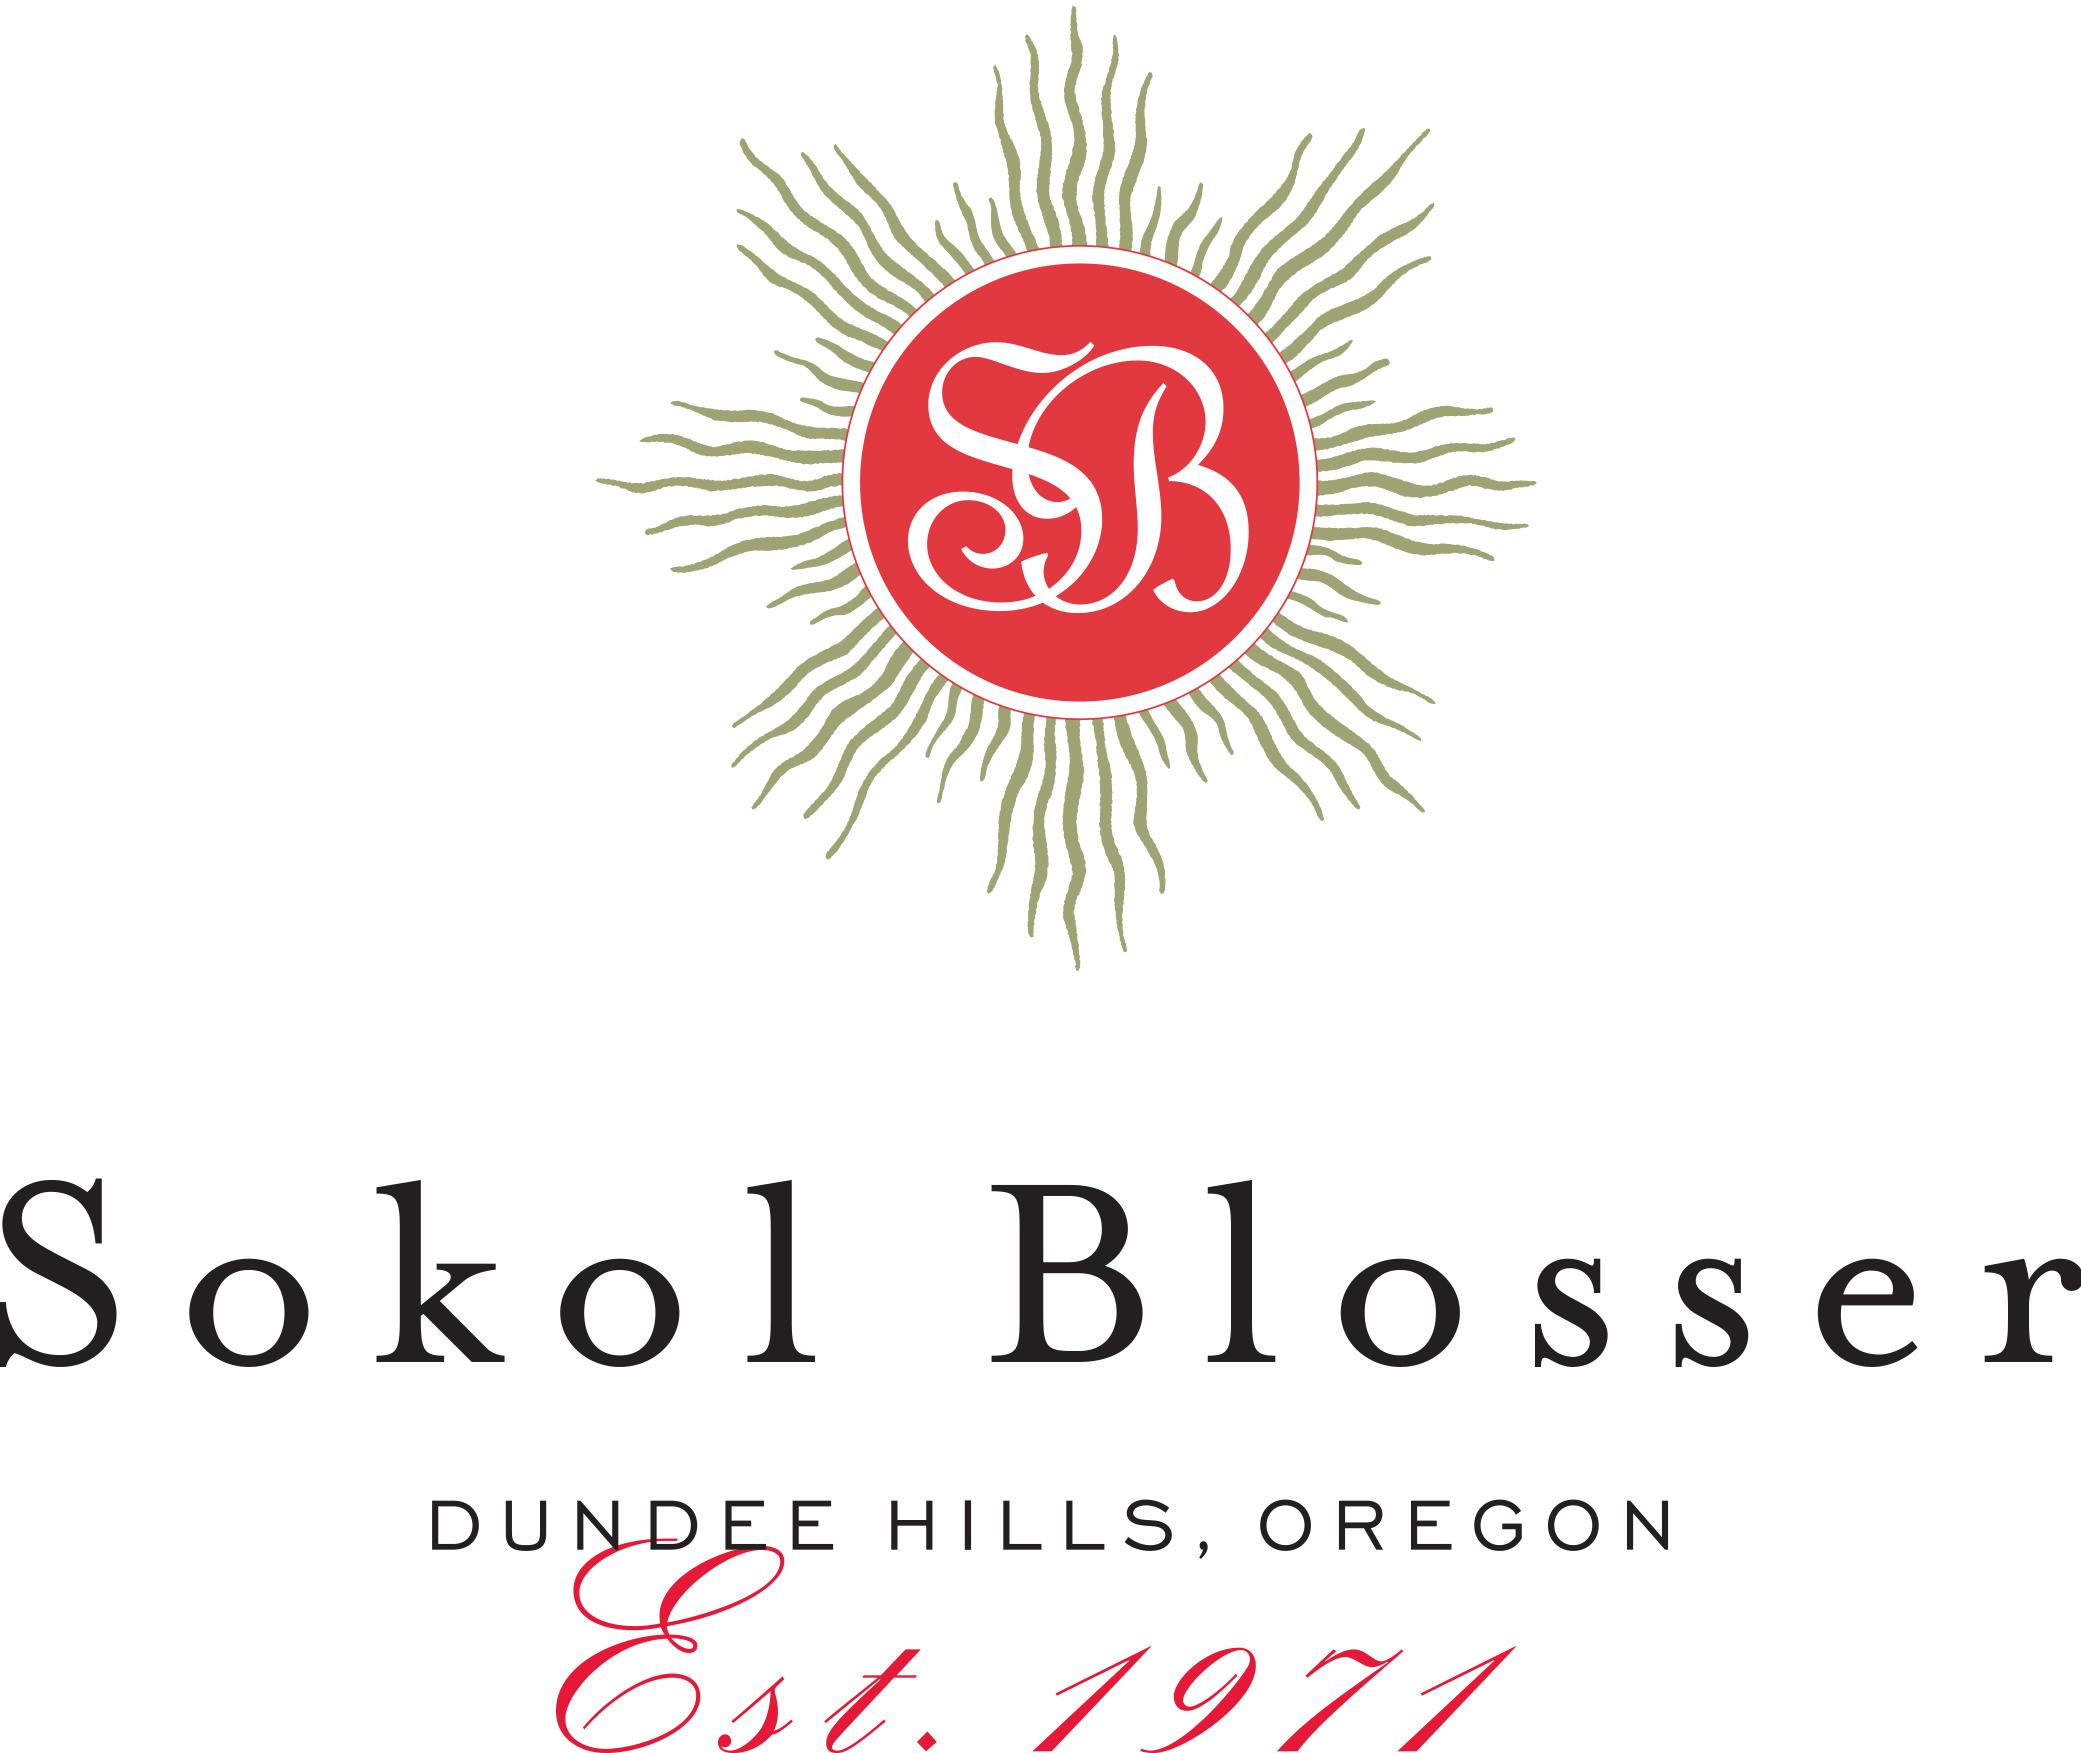 Sokolo Blosser